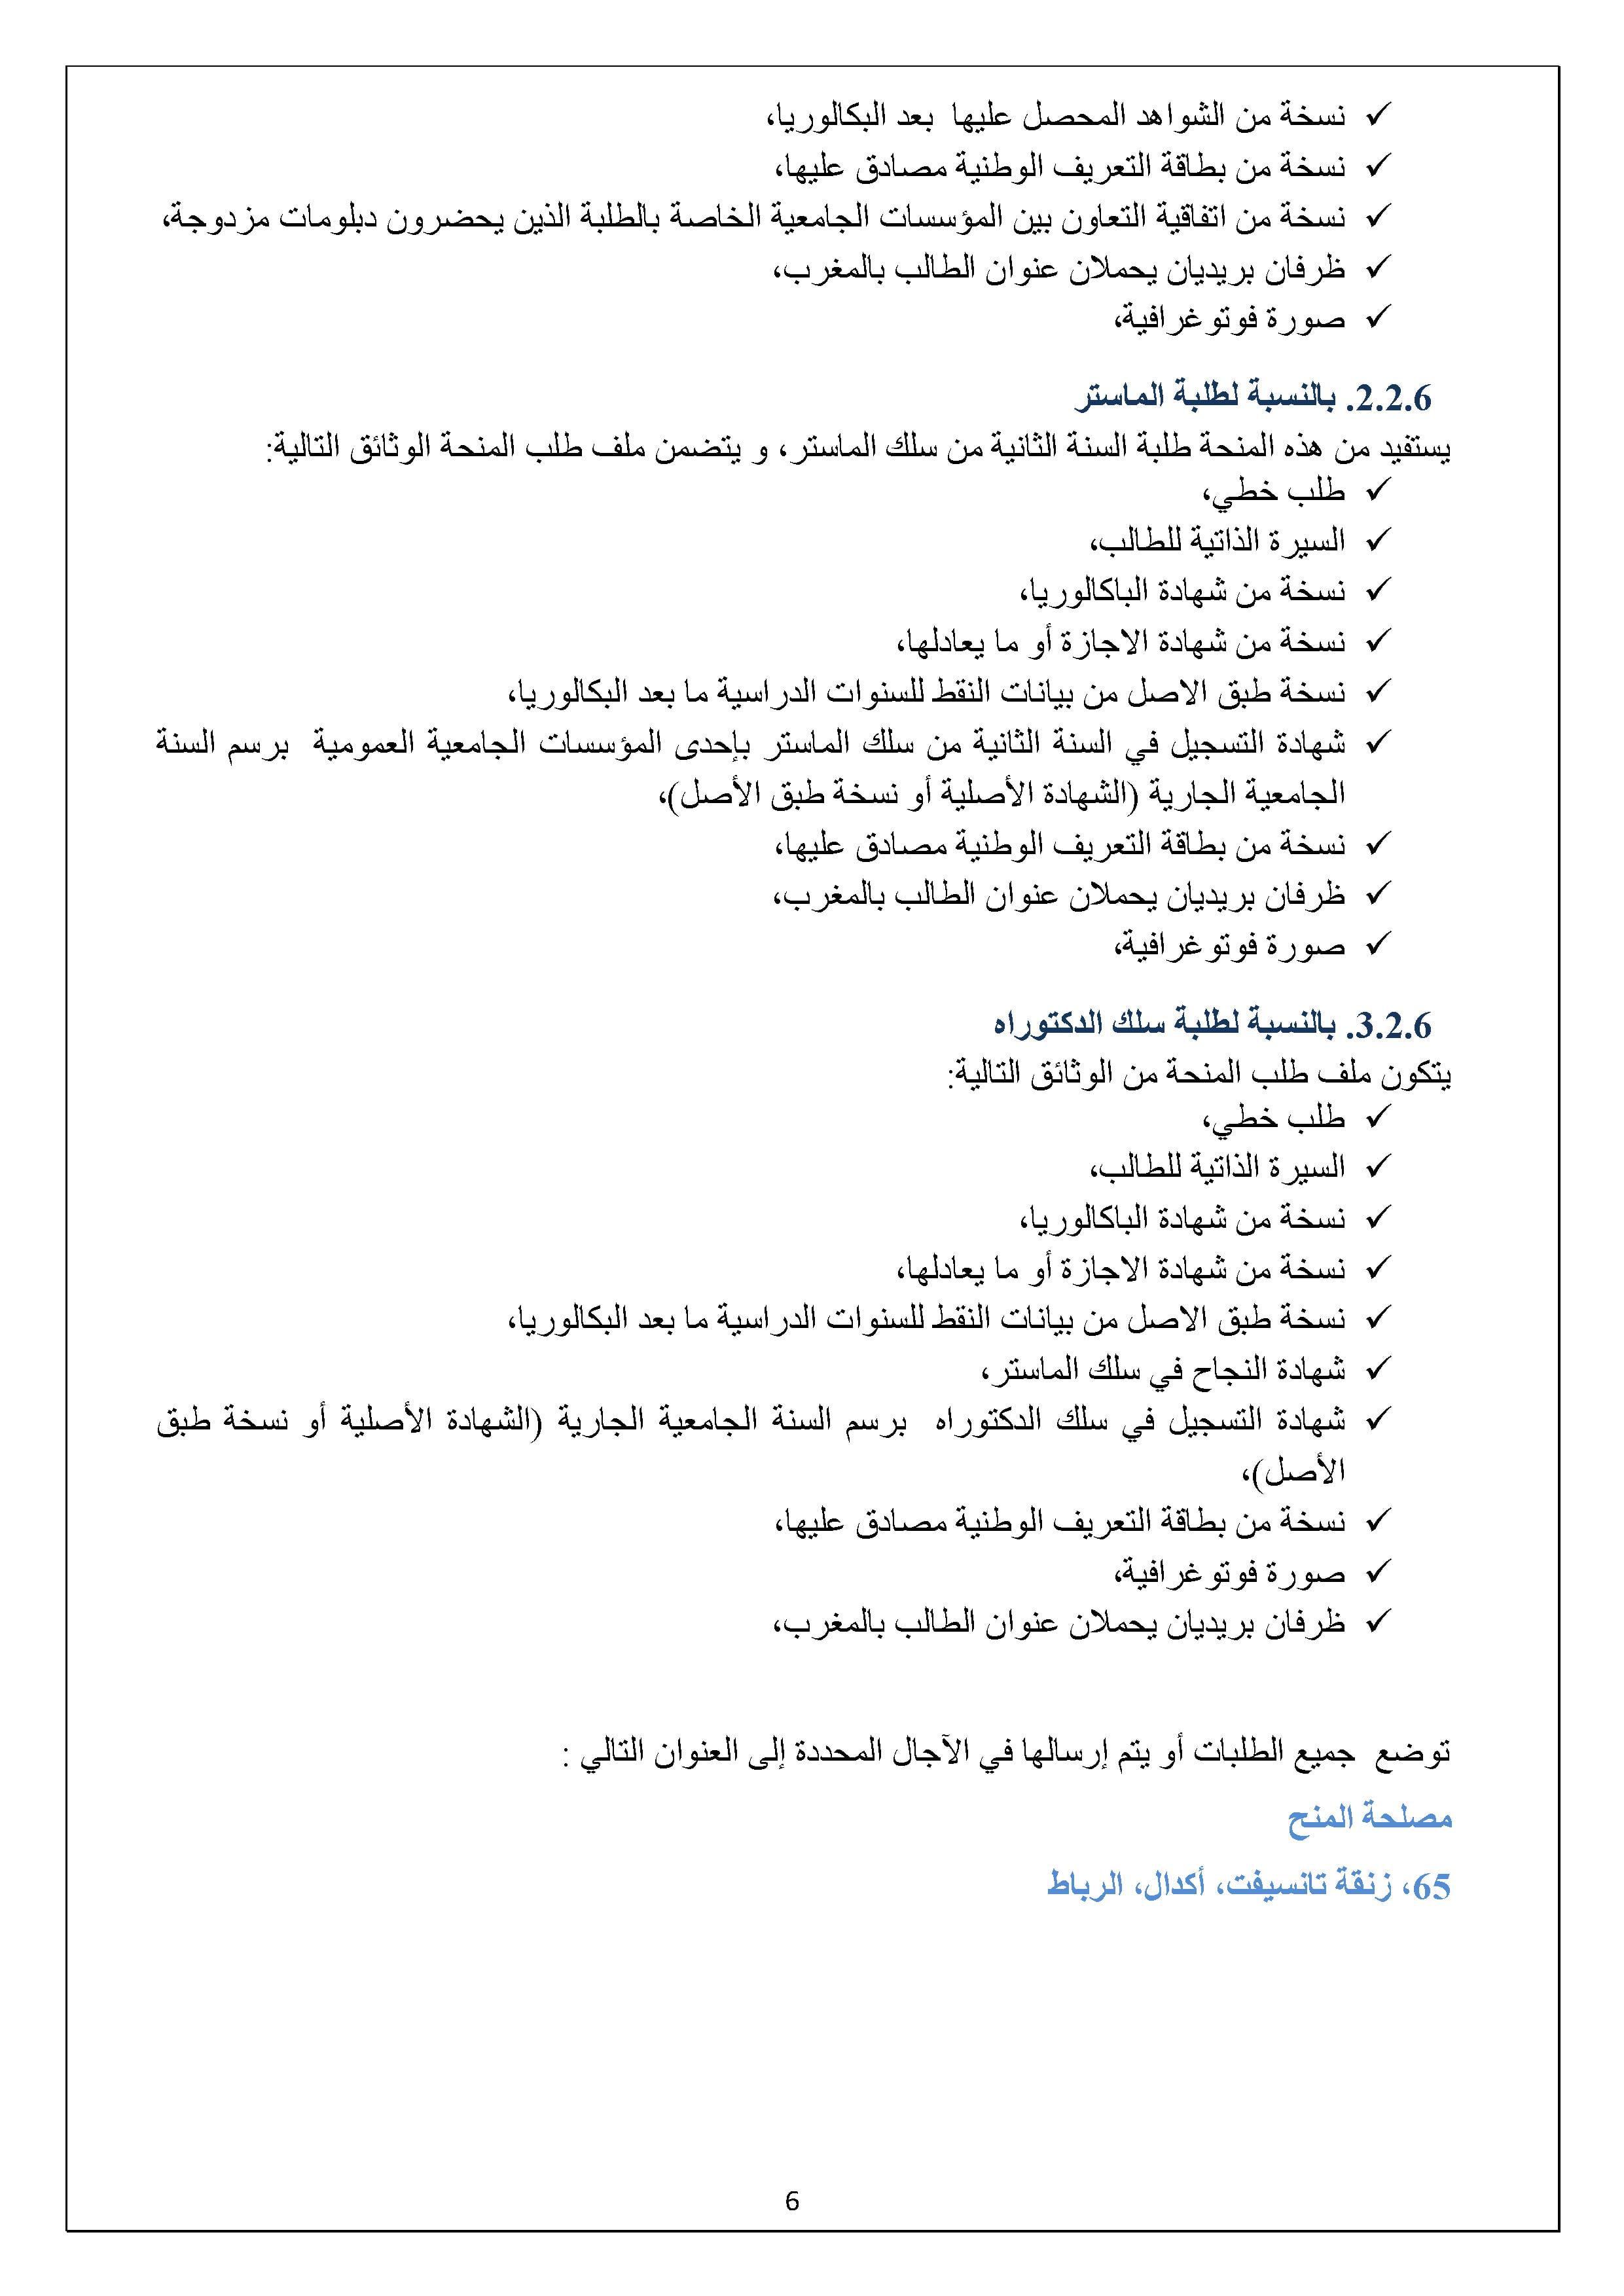 وثائق الحصول على المنحة الجامعية 2016 بالمغرب 7